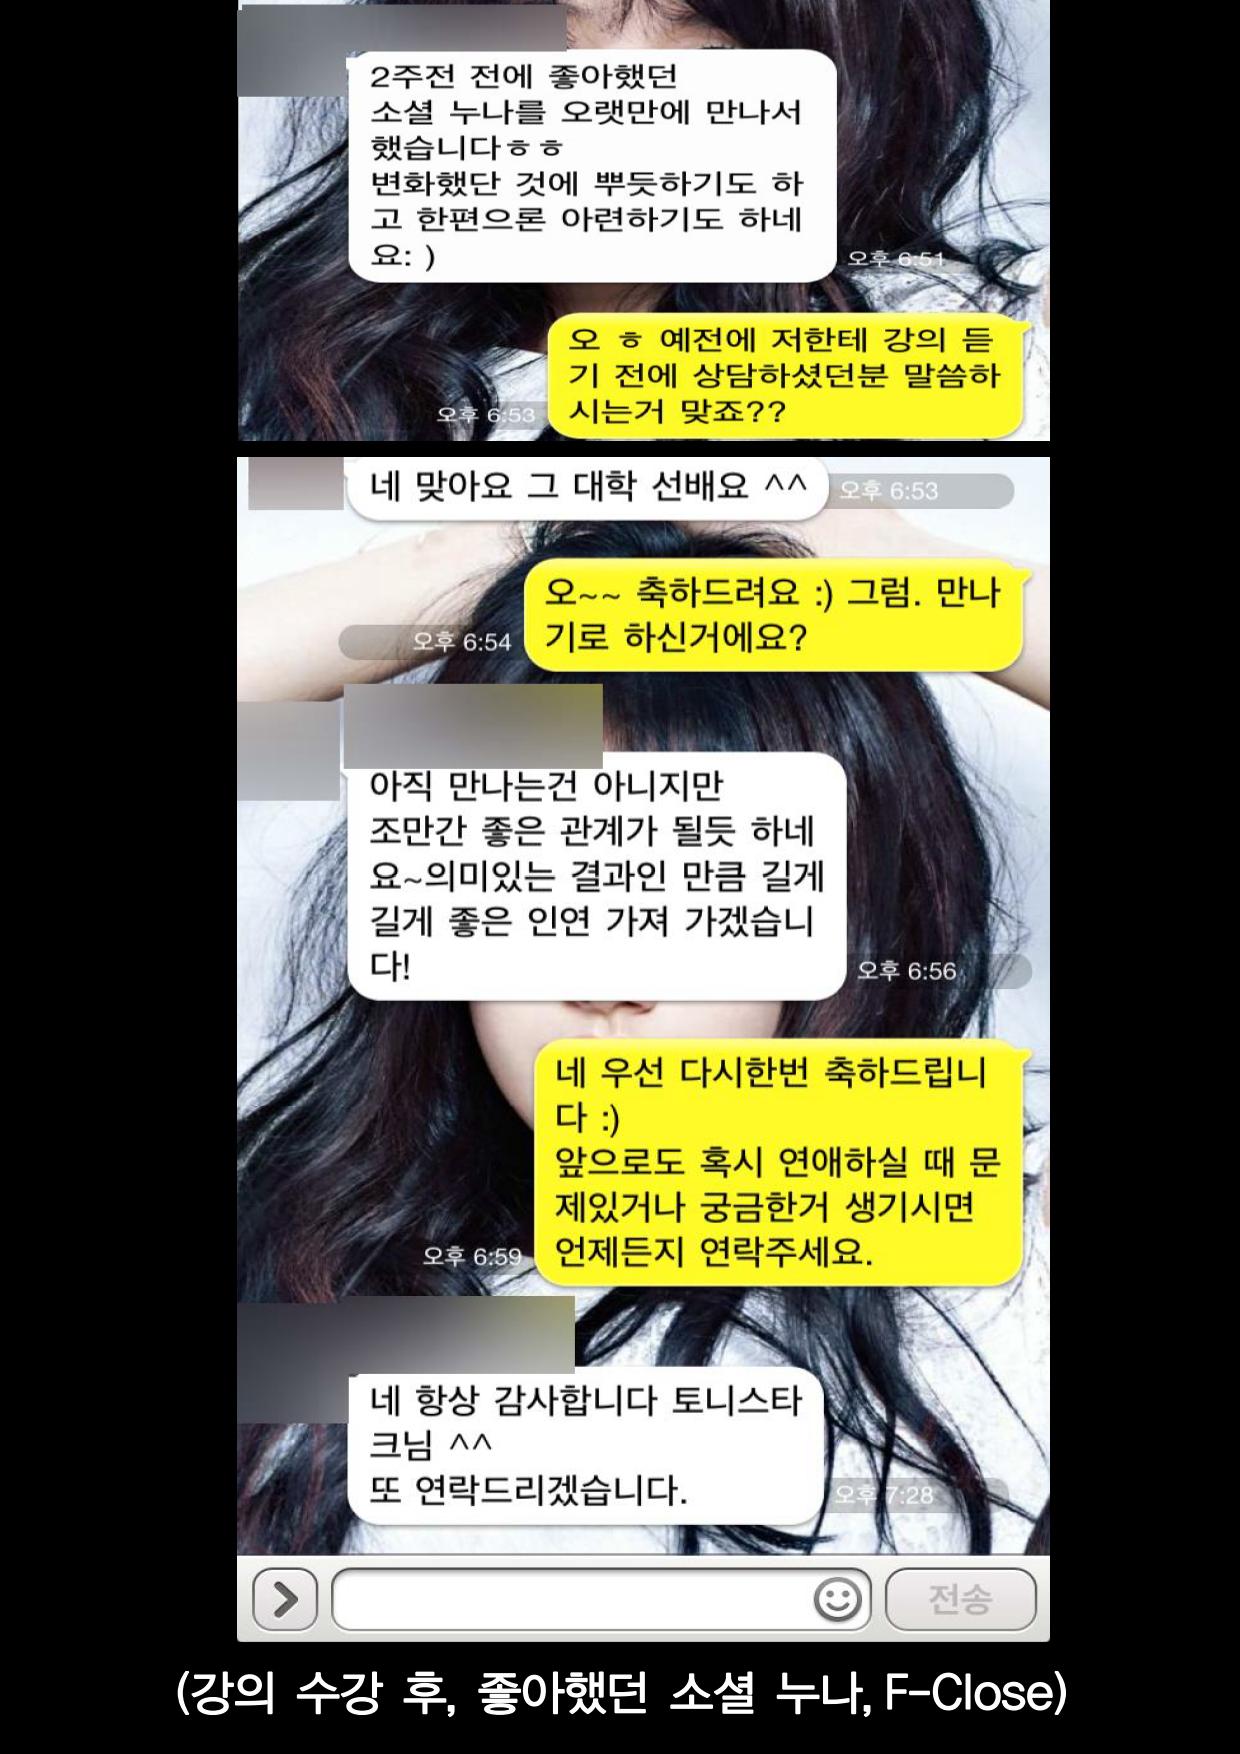 본 머티리어 1회차 홍보글(폰트 포함)_27.png